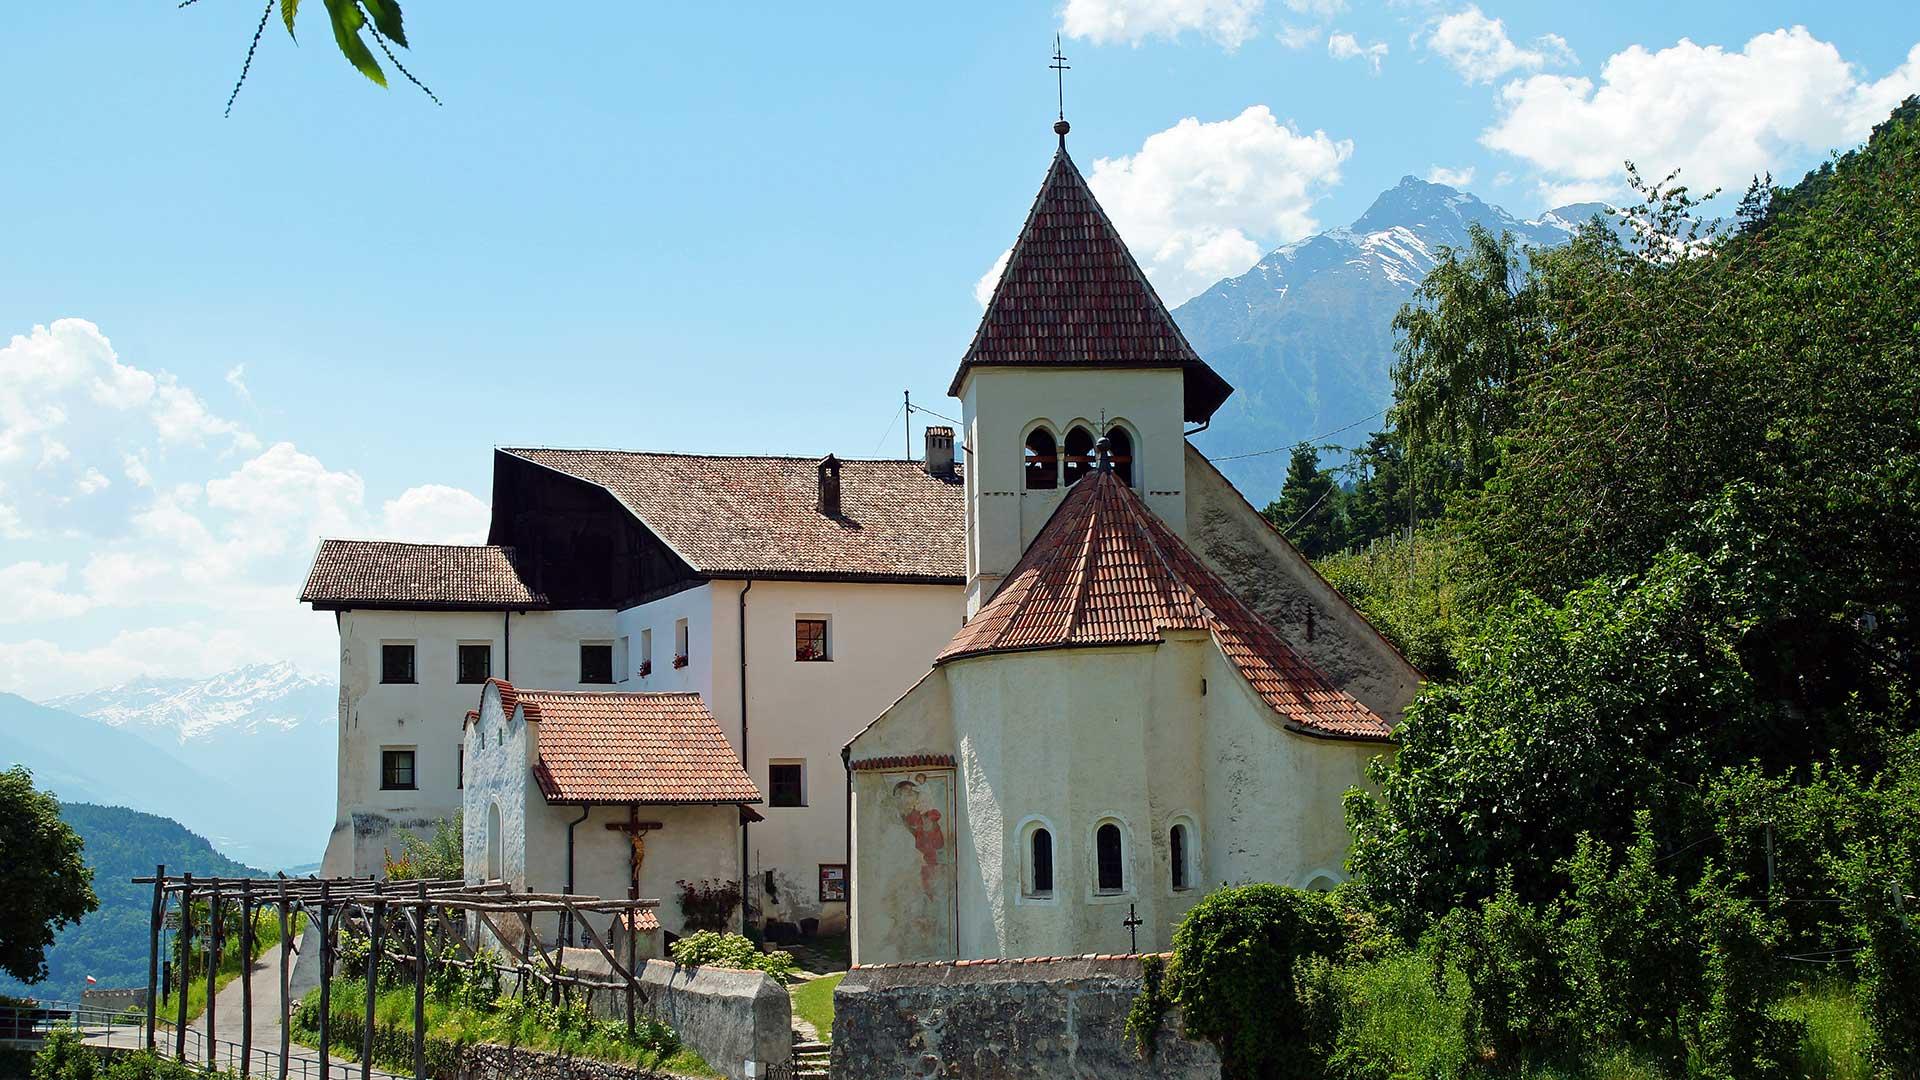 Chiesa parrocchiale di San Pietro - Tirolo